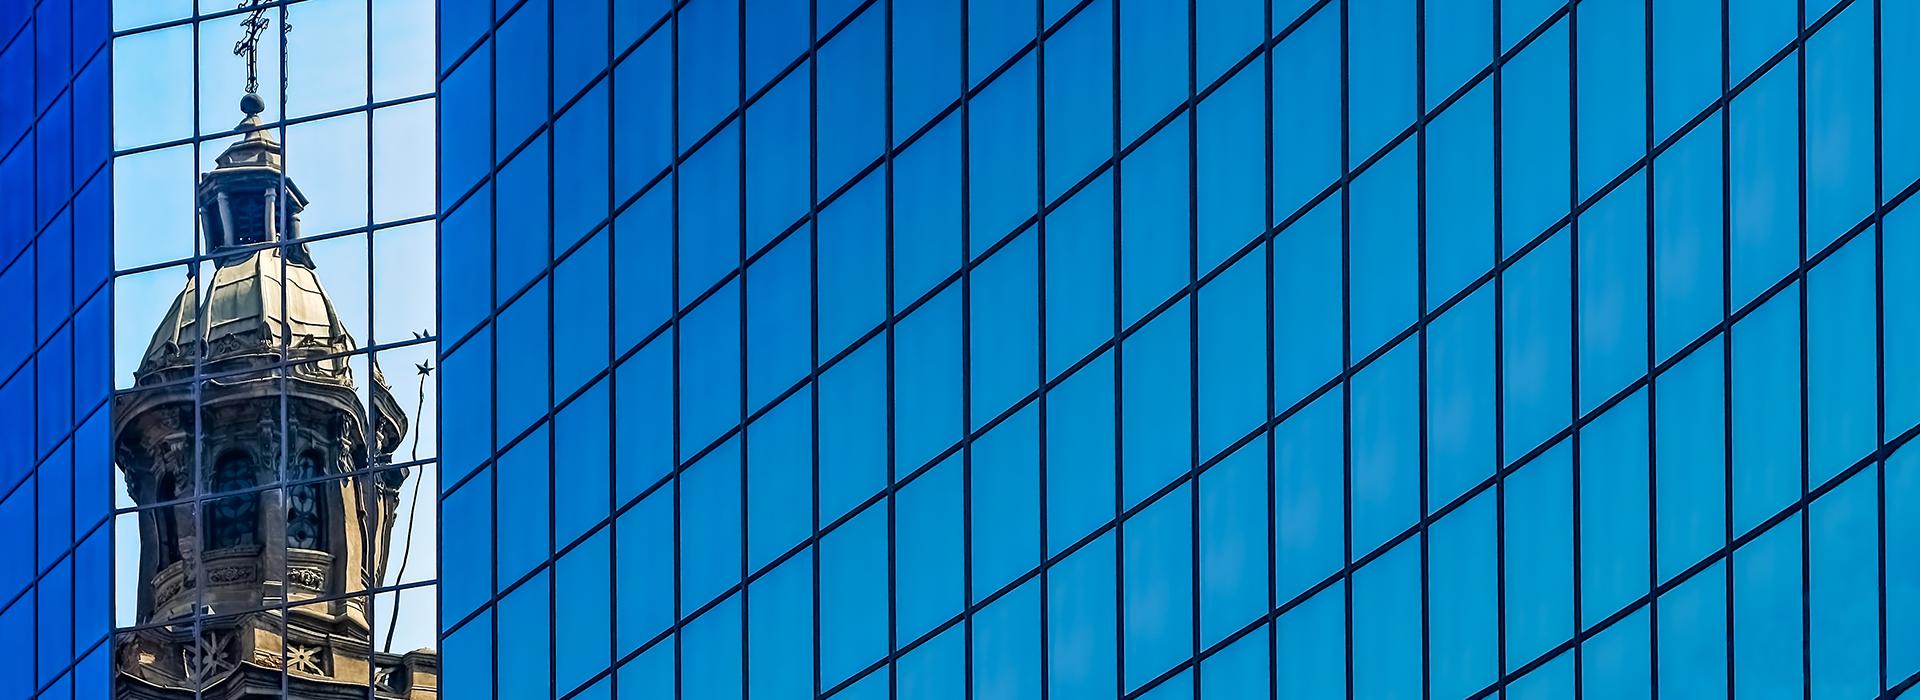 Okna wielkanocne - wiersze Kulmowej